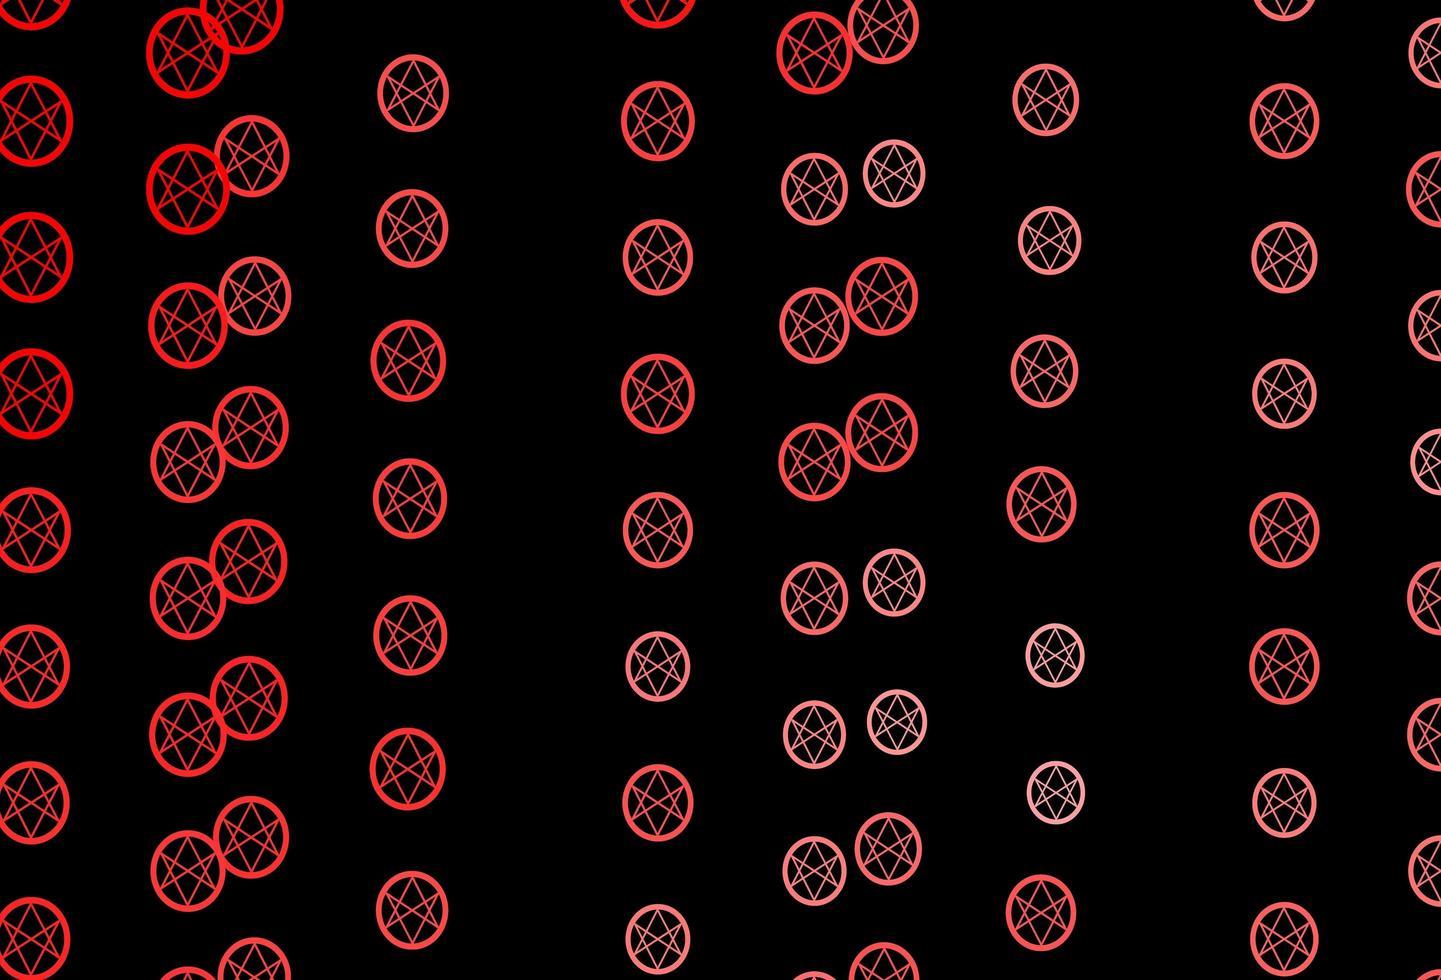 textura de vector rojo oscuro con símbolos religiosos.